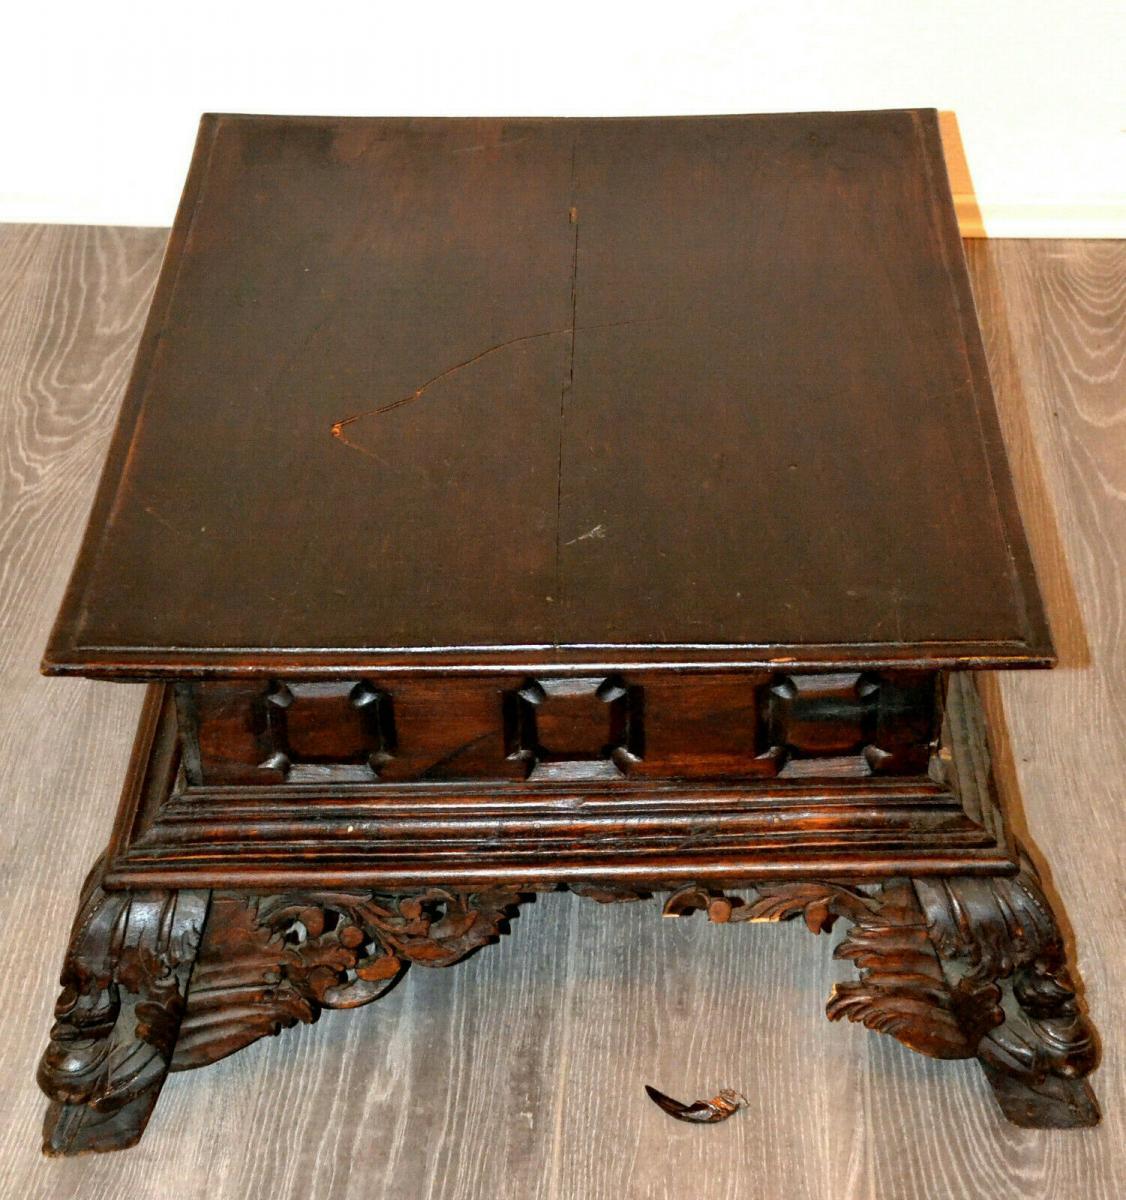 Möbel,kleiner Beistelltisch,deutsch, Eiche,um 1900,leichte Beschädigungen 3